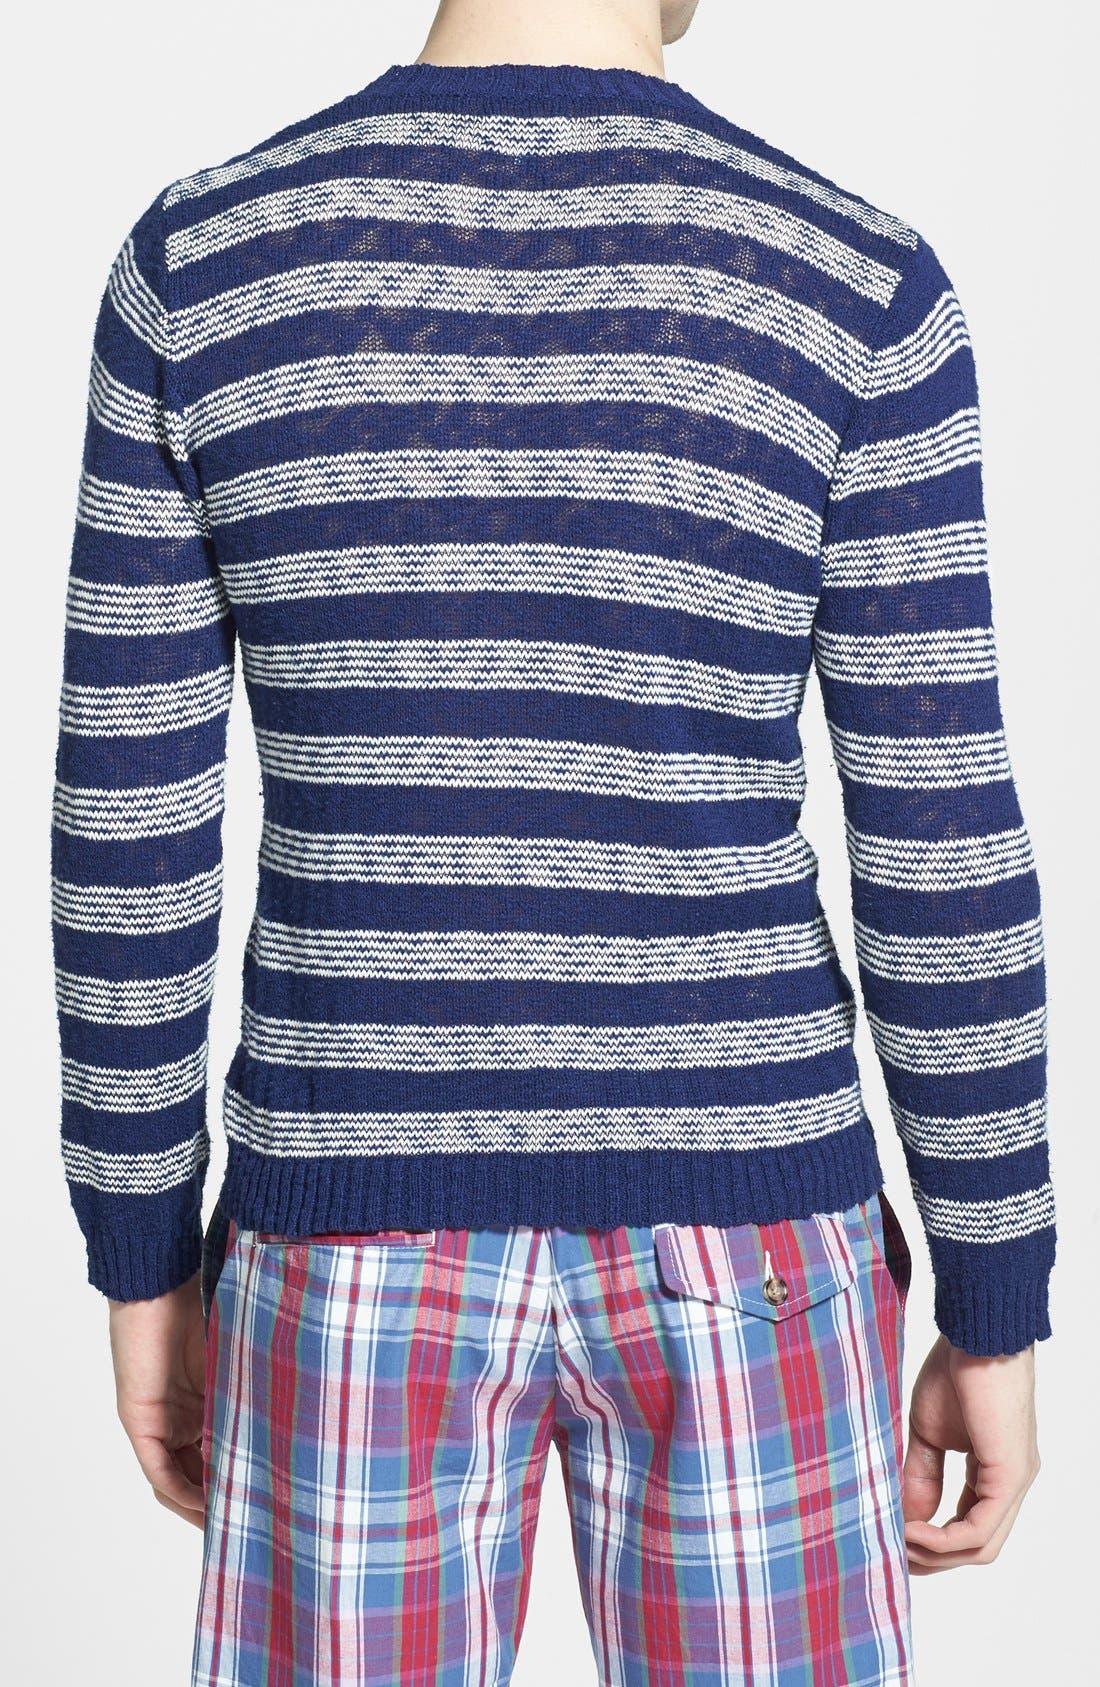 Alternate Image 2  - Gant Rugger 'The Slubber' Sweater